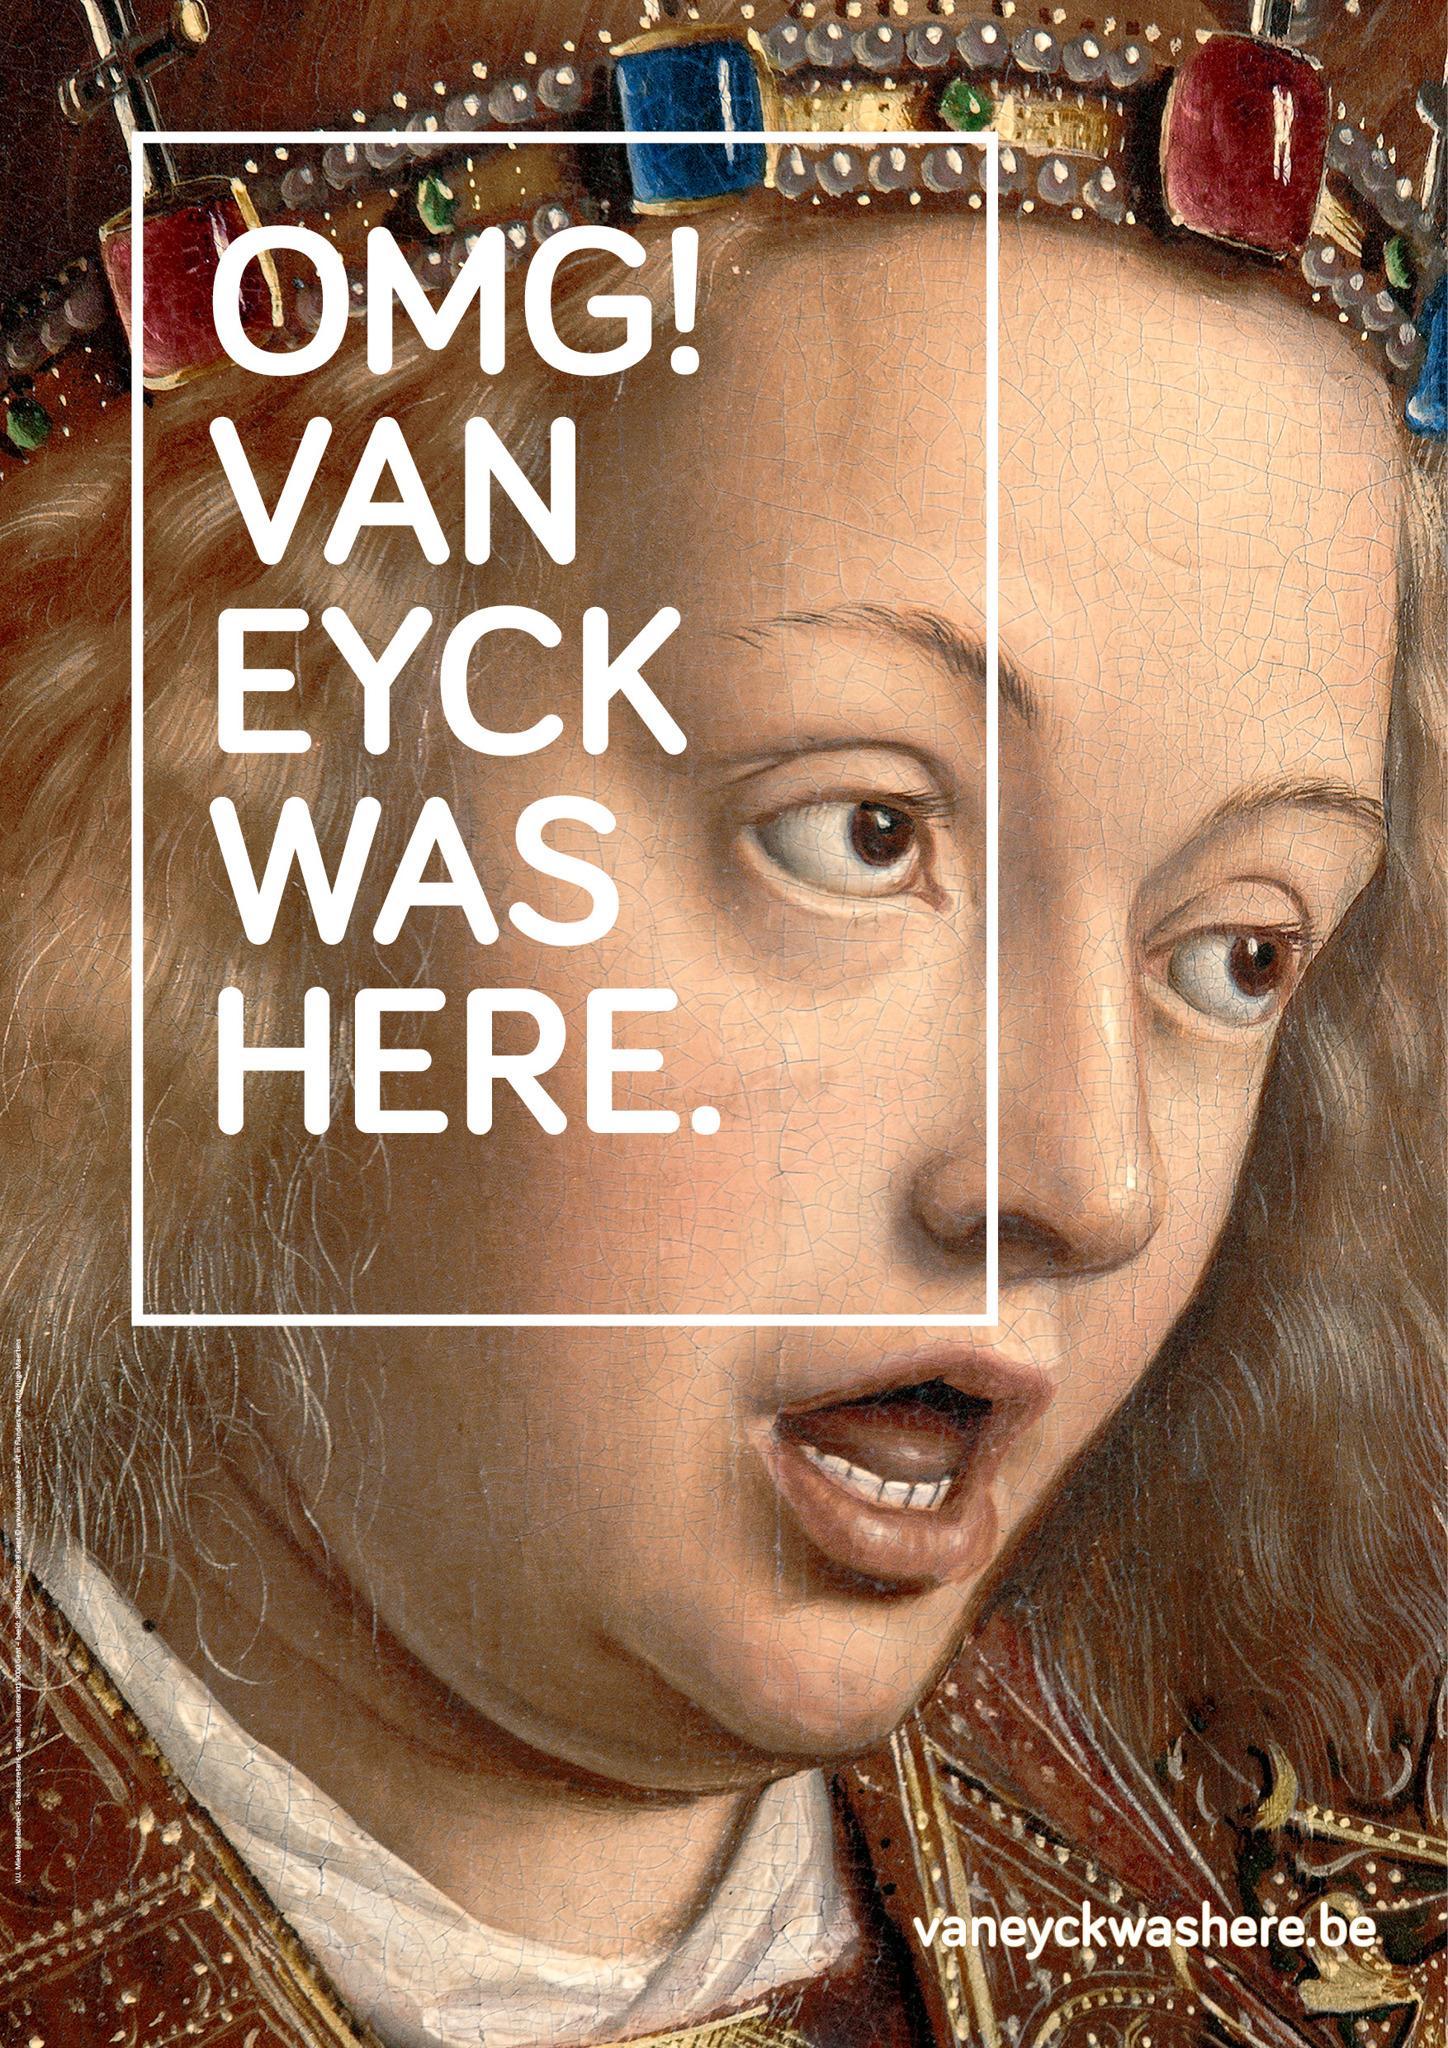 VisitFlanders promuove la campagna OMG! Van Eyck was here, un progetto che coinvolgerà l'intera città di Gent per tutto l'anno